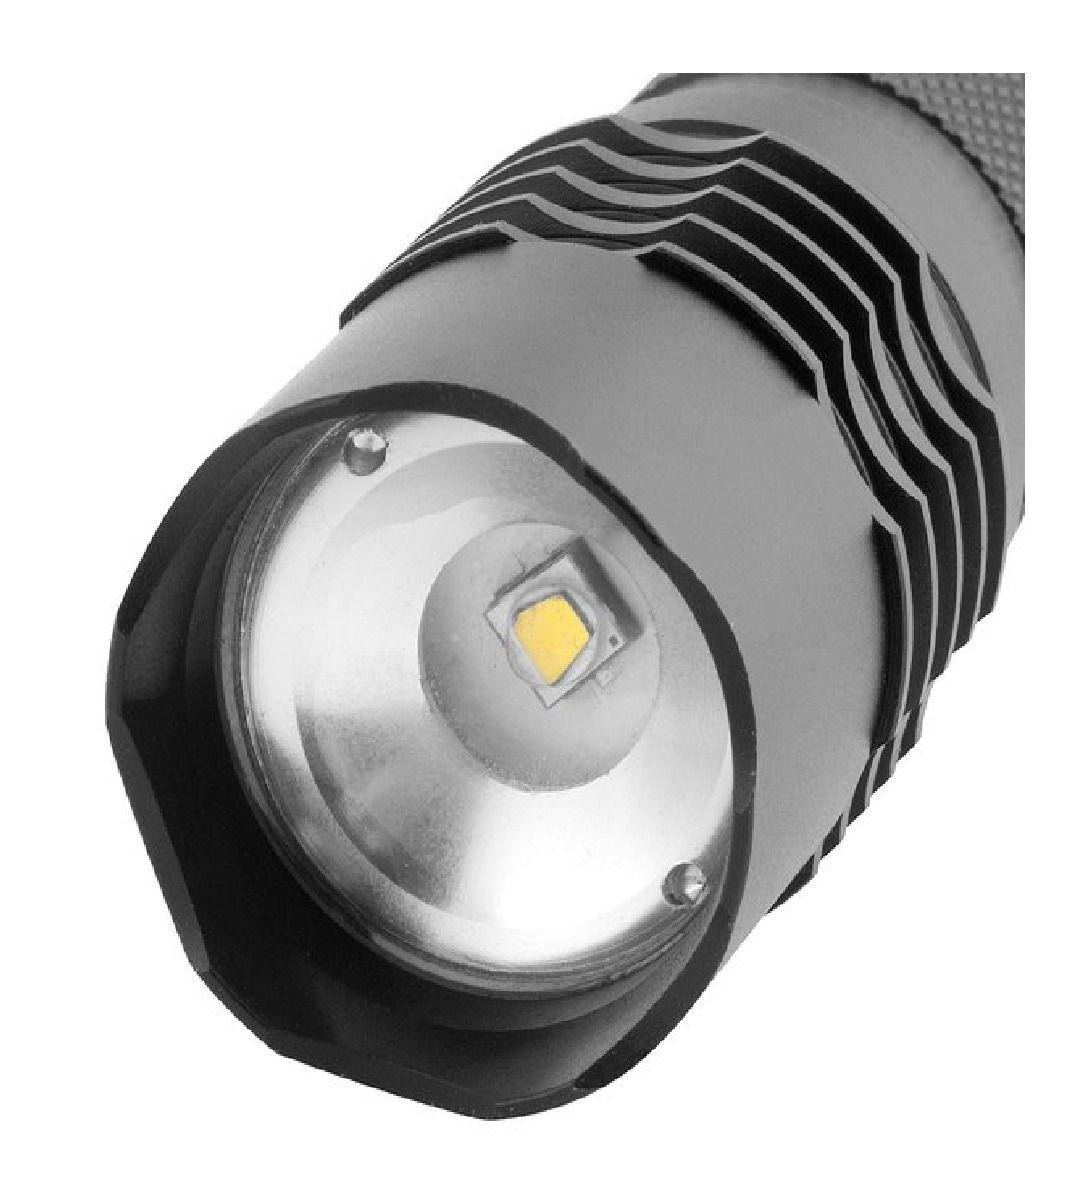 Lanterna SUPERLED CREE LLV 1500 Vonder